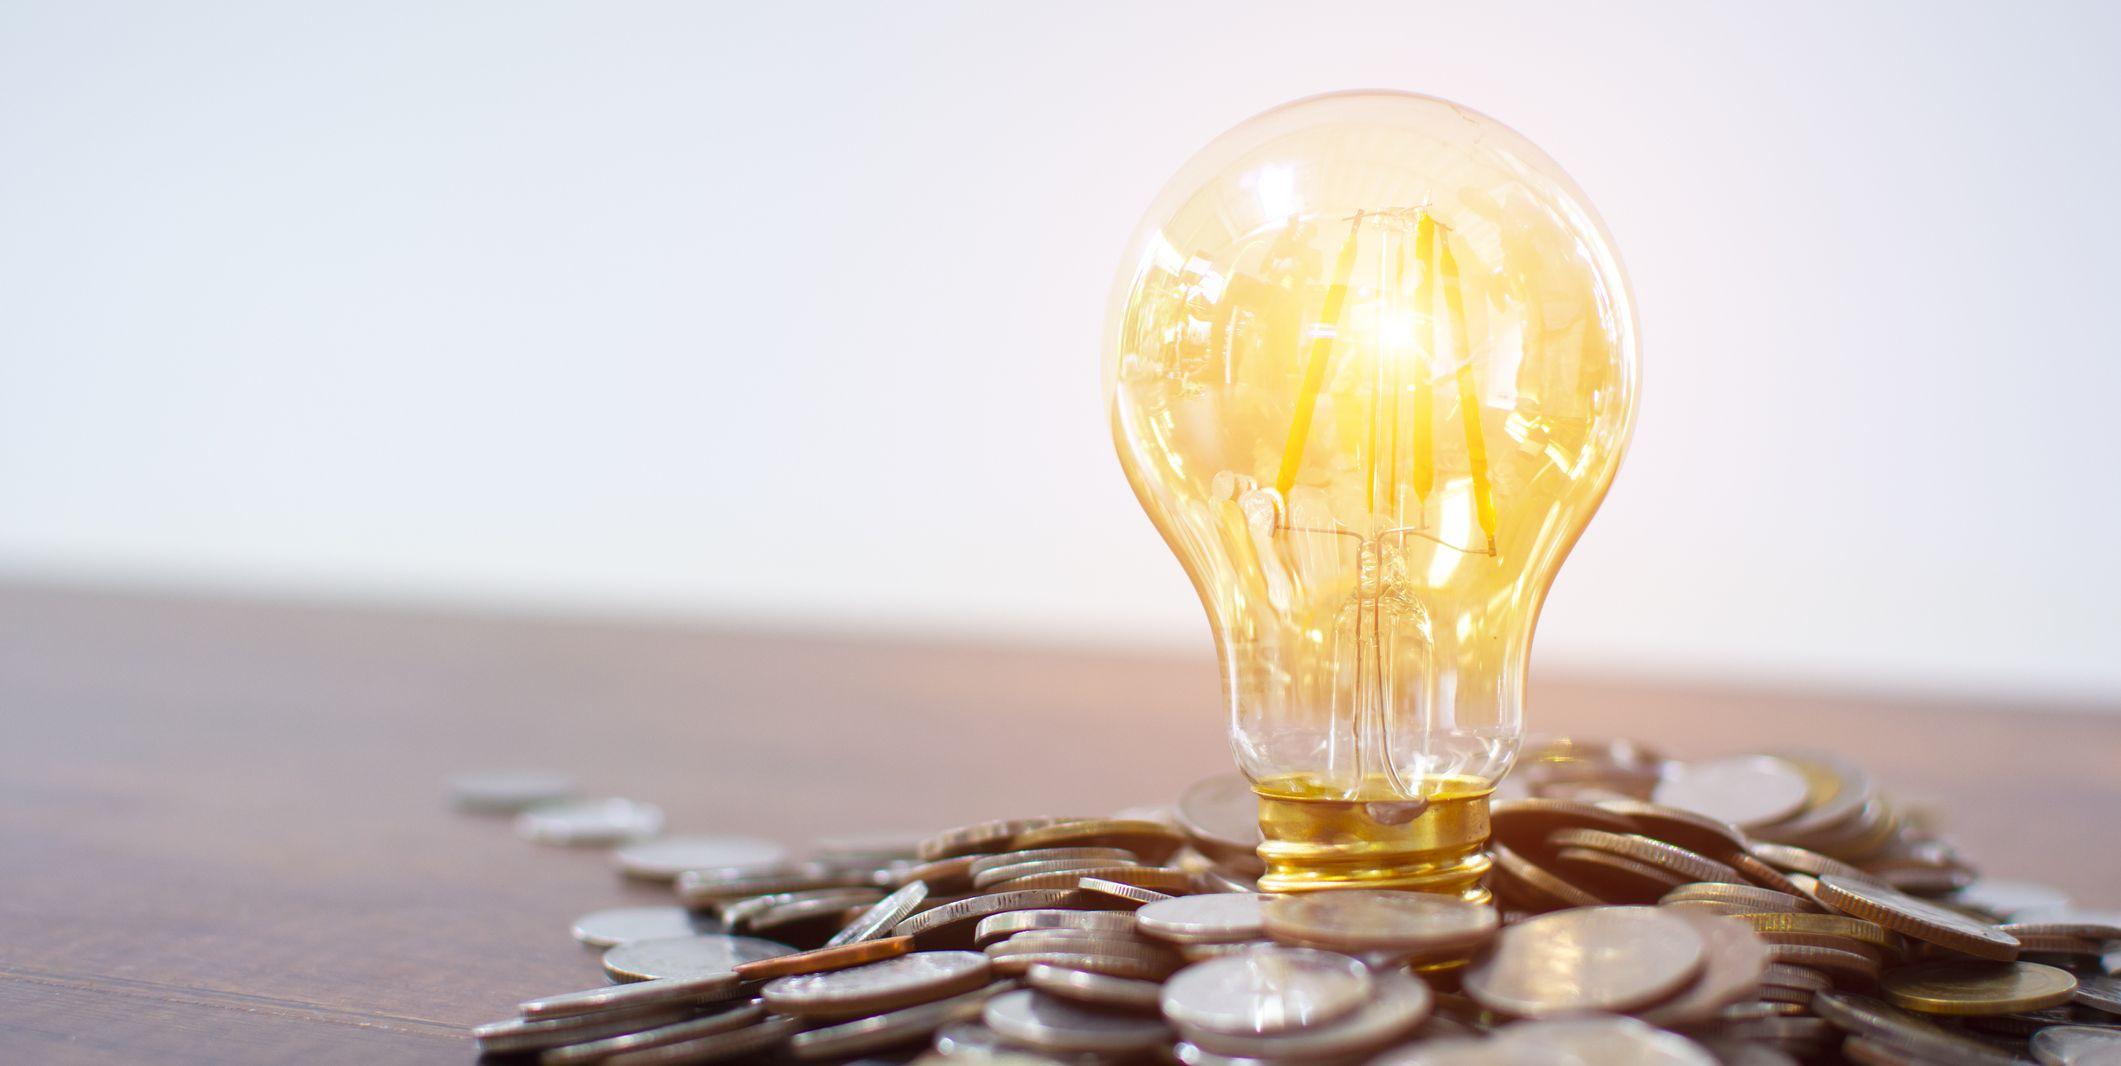 Light bulb on apile of coins